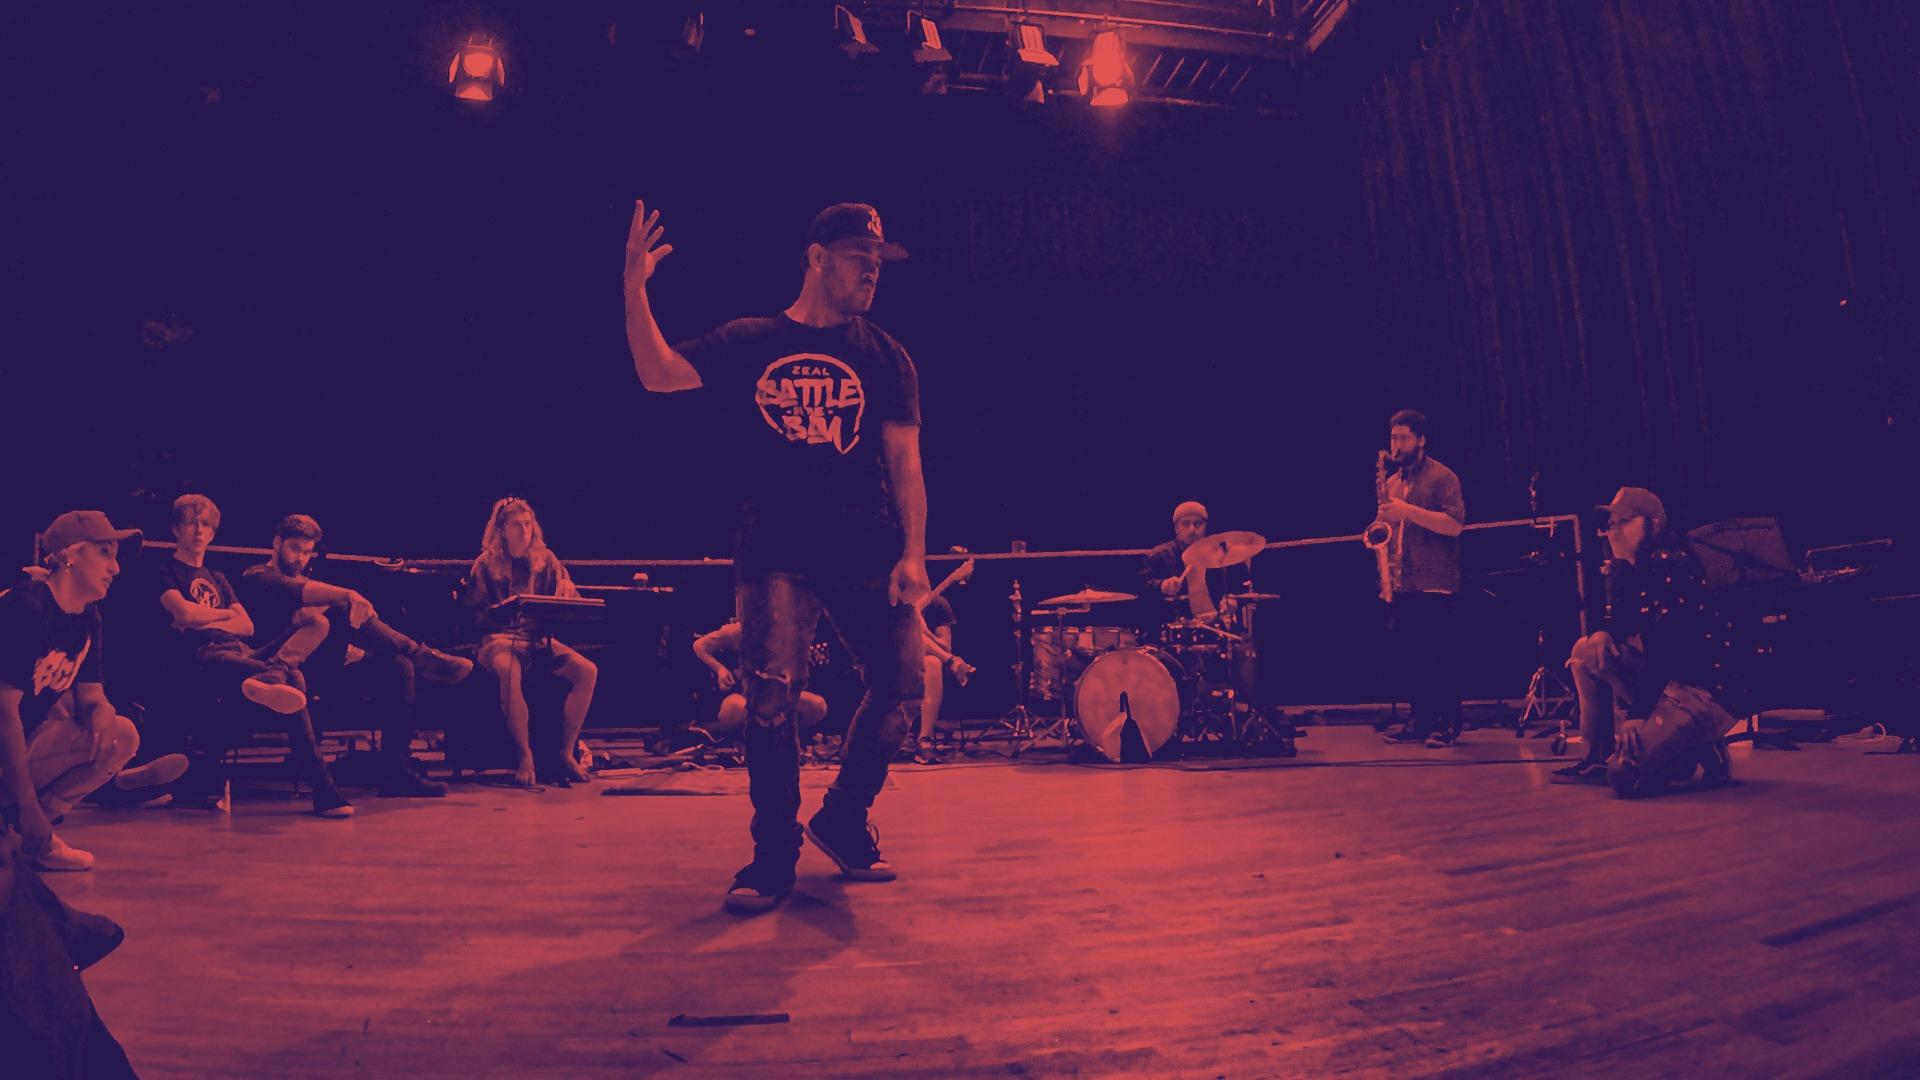 https://rfacdn.nz/live/assets/media/temp-dance-festival-krump-jazz.png